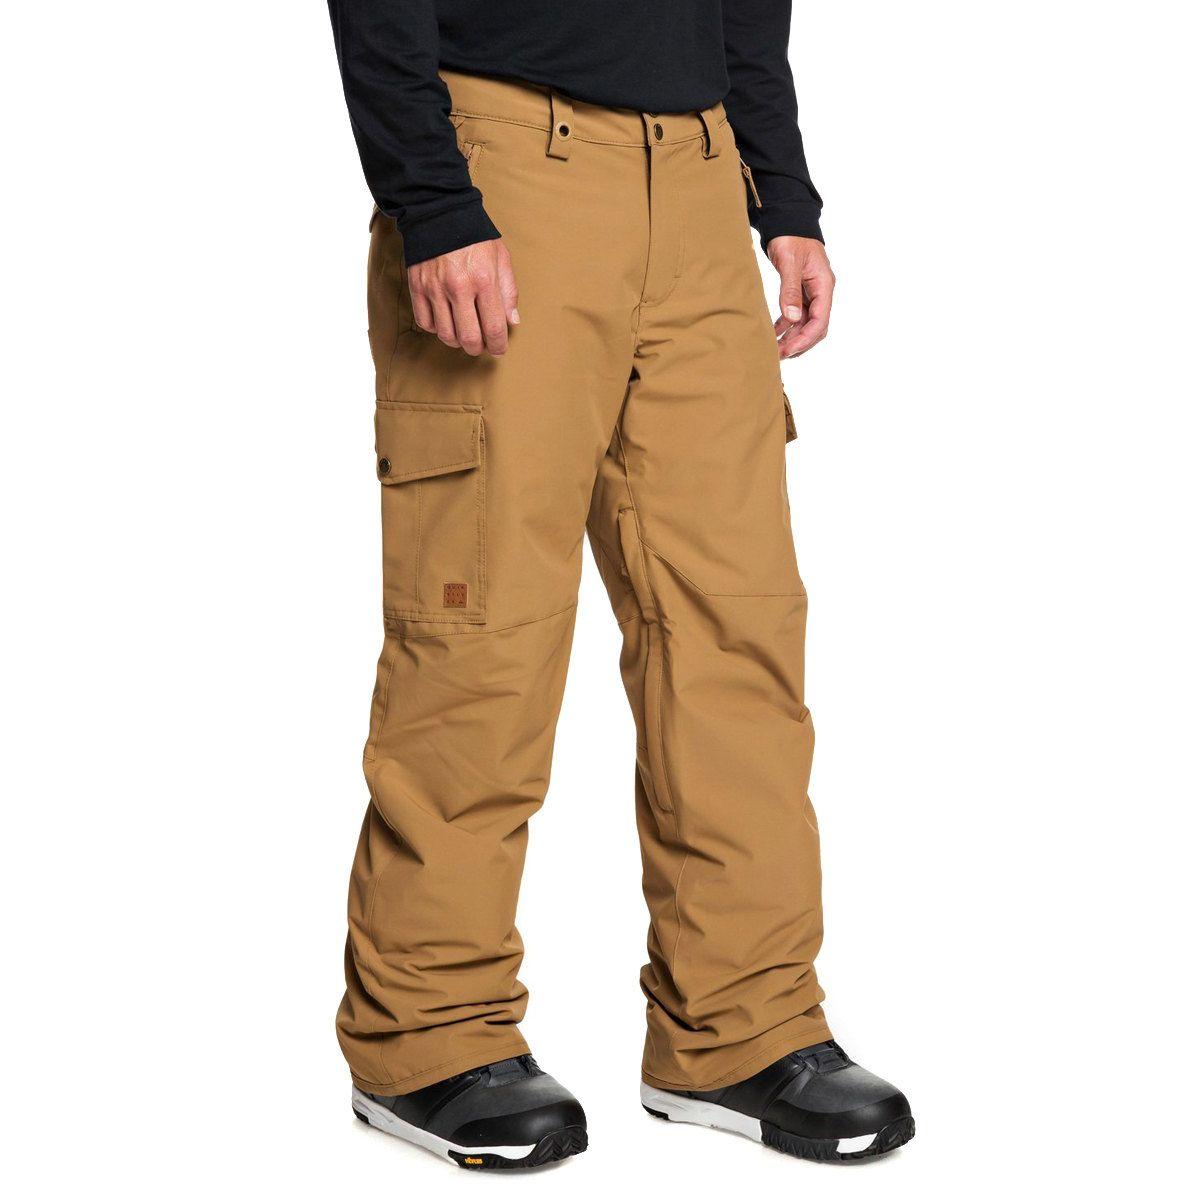 Photo of Pantaloni da portiere